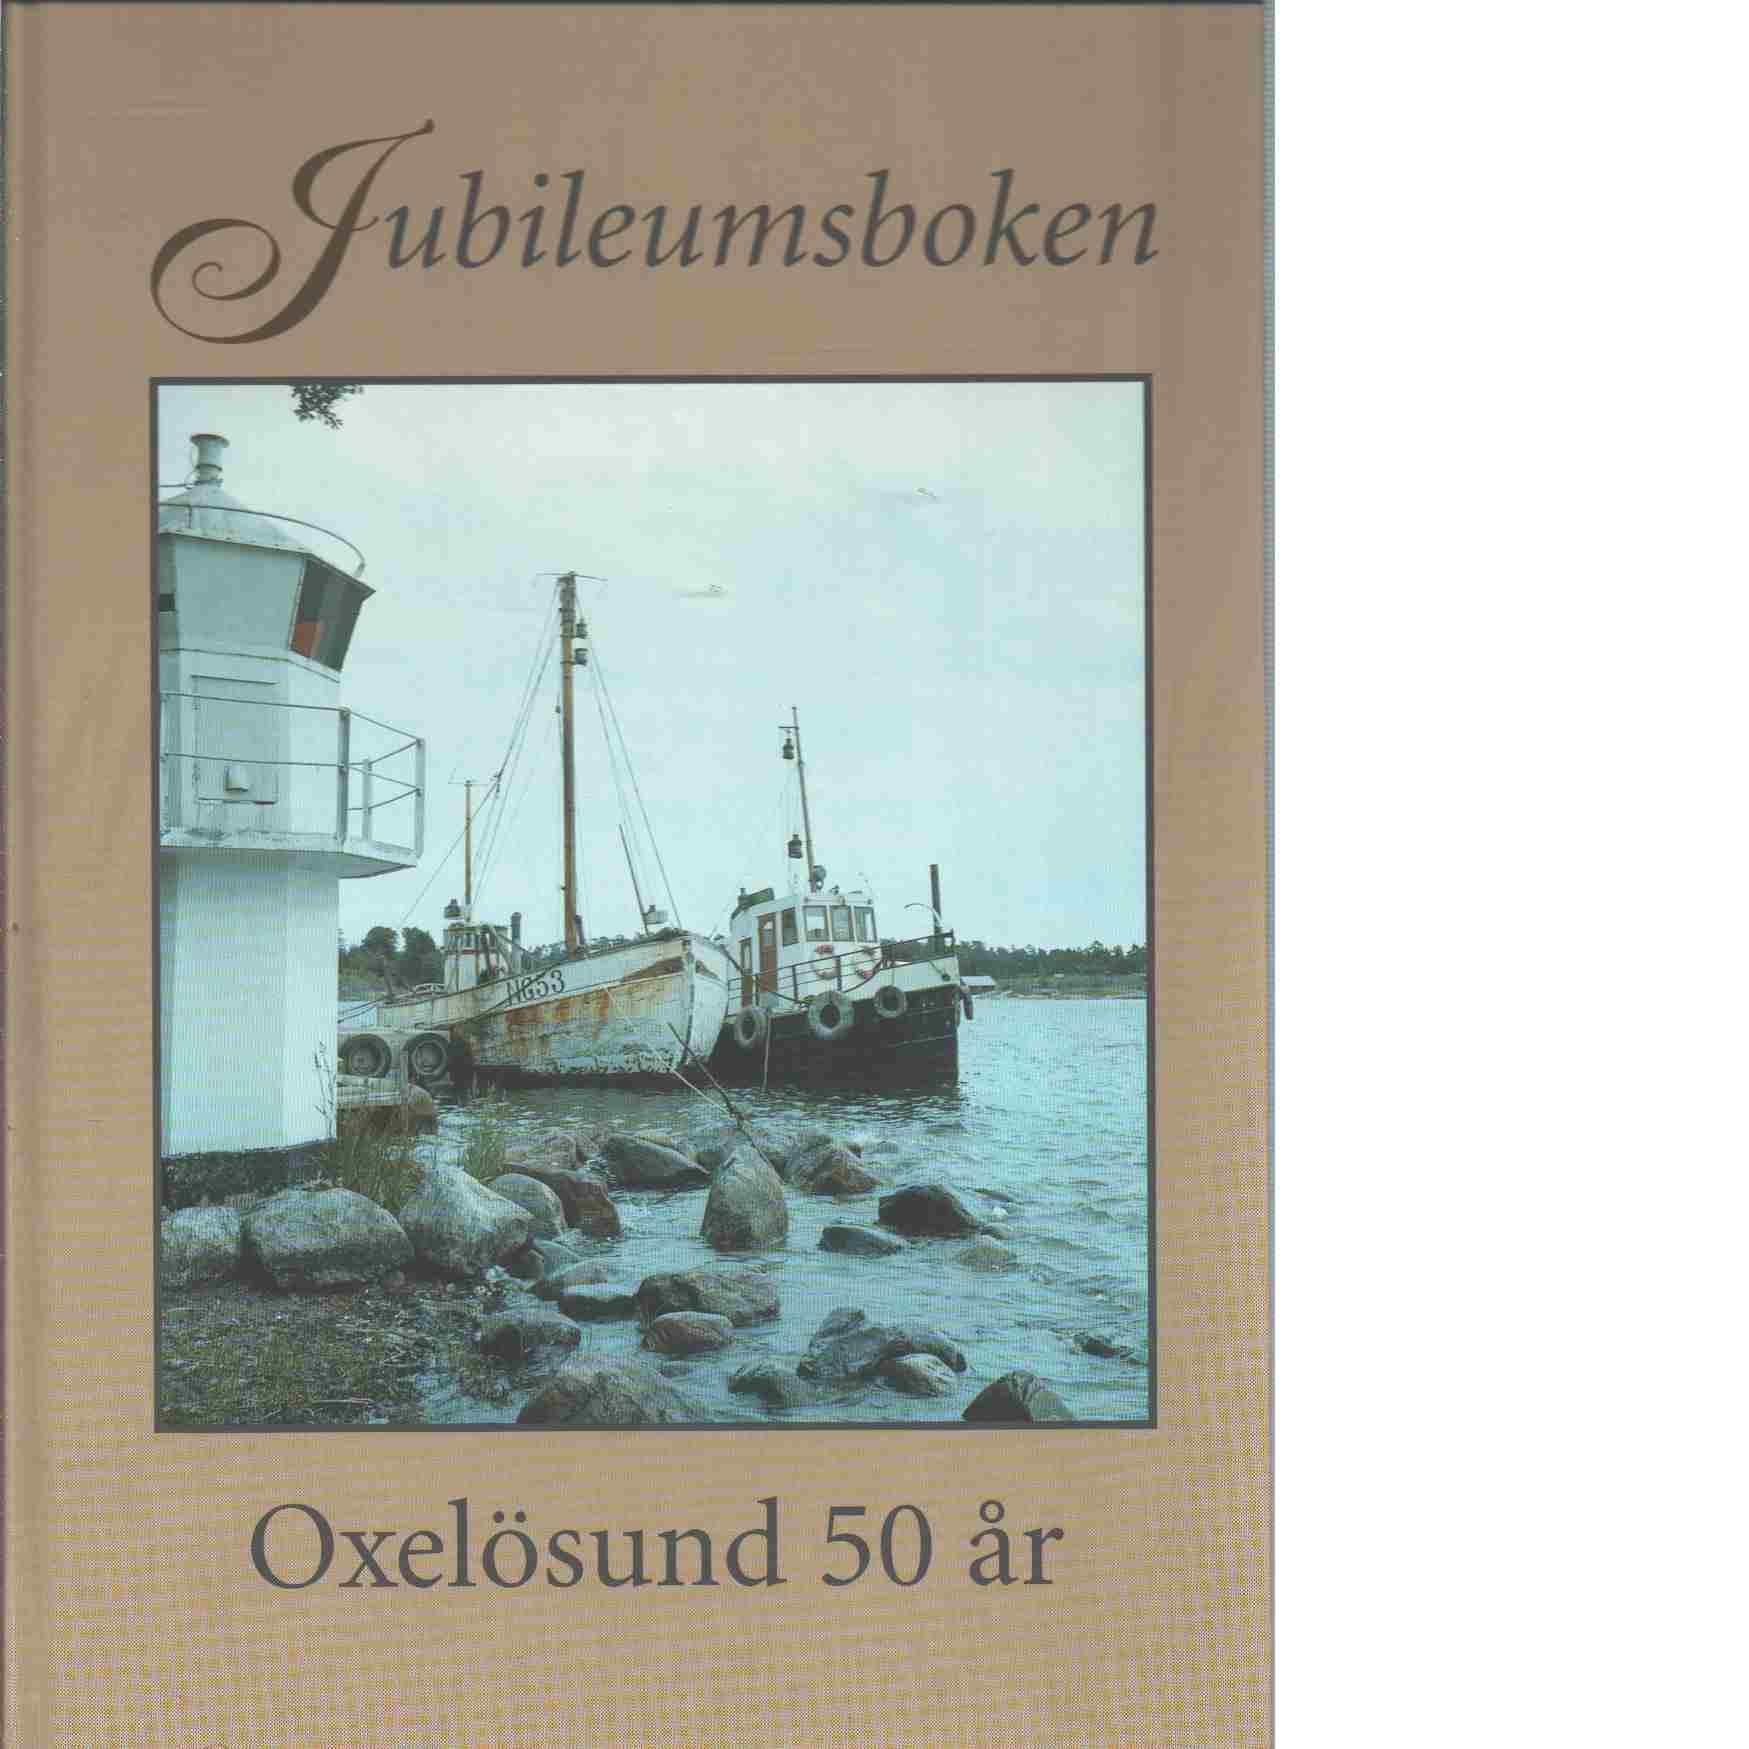 Jubileumsboken : Oxelösund 50 år - Red. Zetterlund, Conny